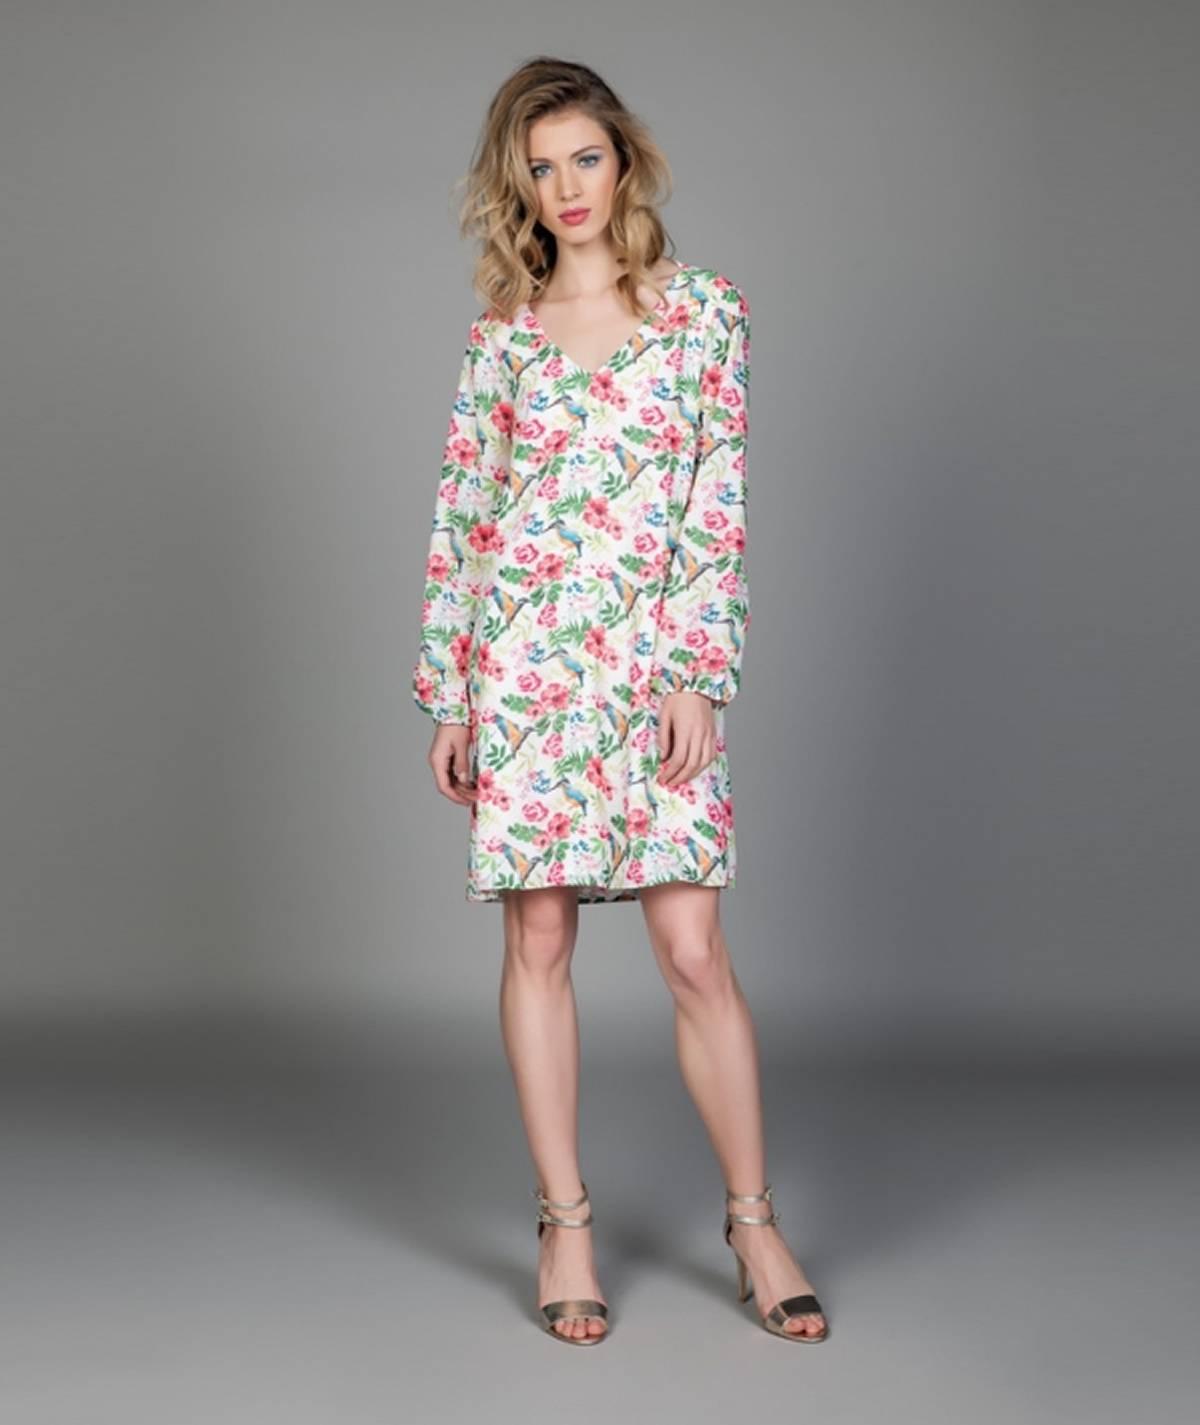 Vestido com padrão primaveril